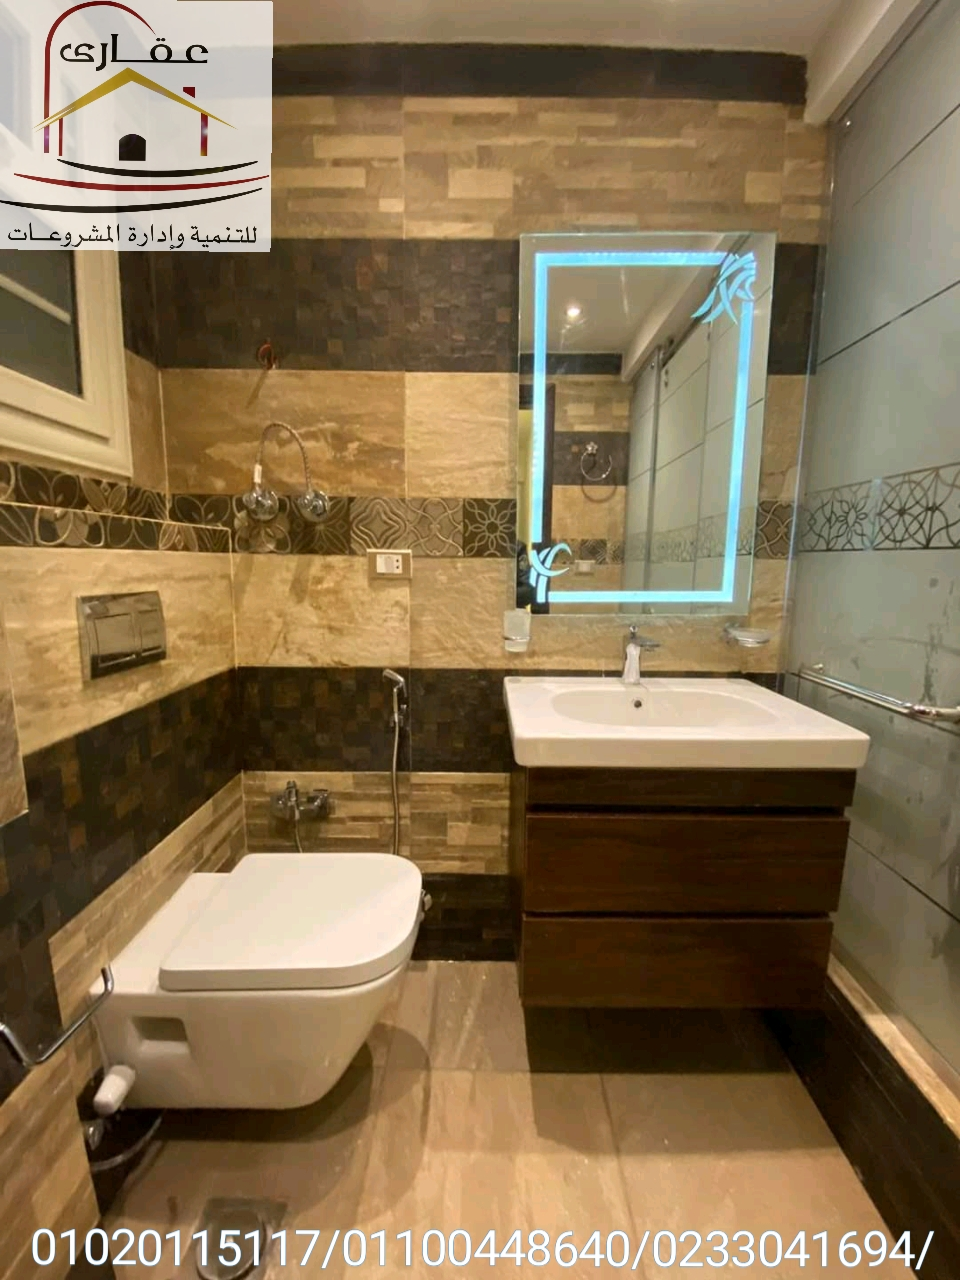 صور حمامات مودرن - تصميم داخلي للحمامات - تصميم حمامات حديثة ( شركة عقارى 01100448640 ) Whatsa24